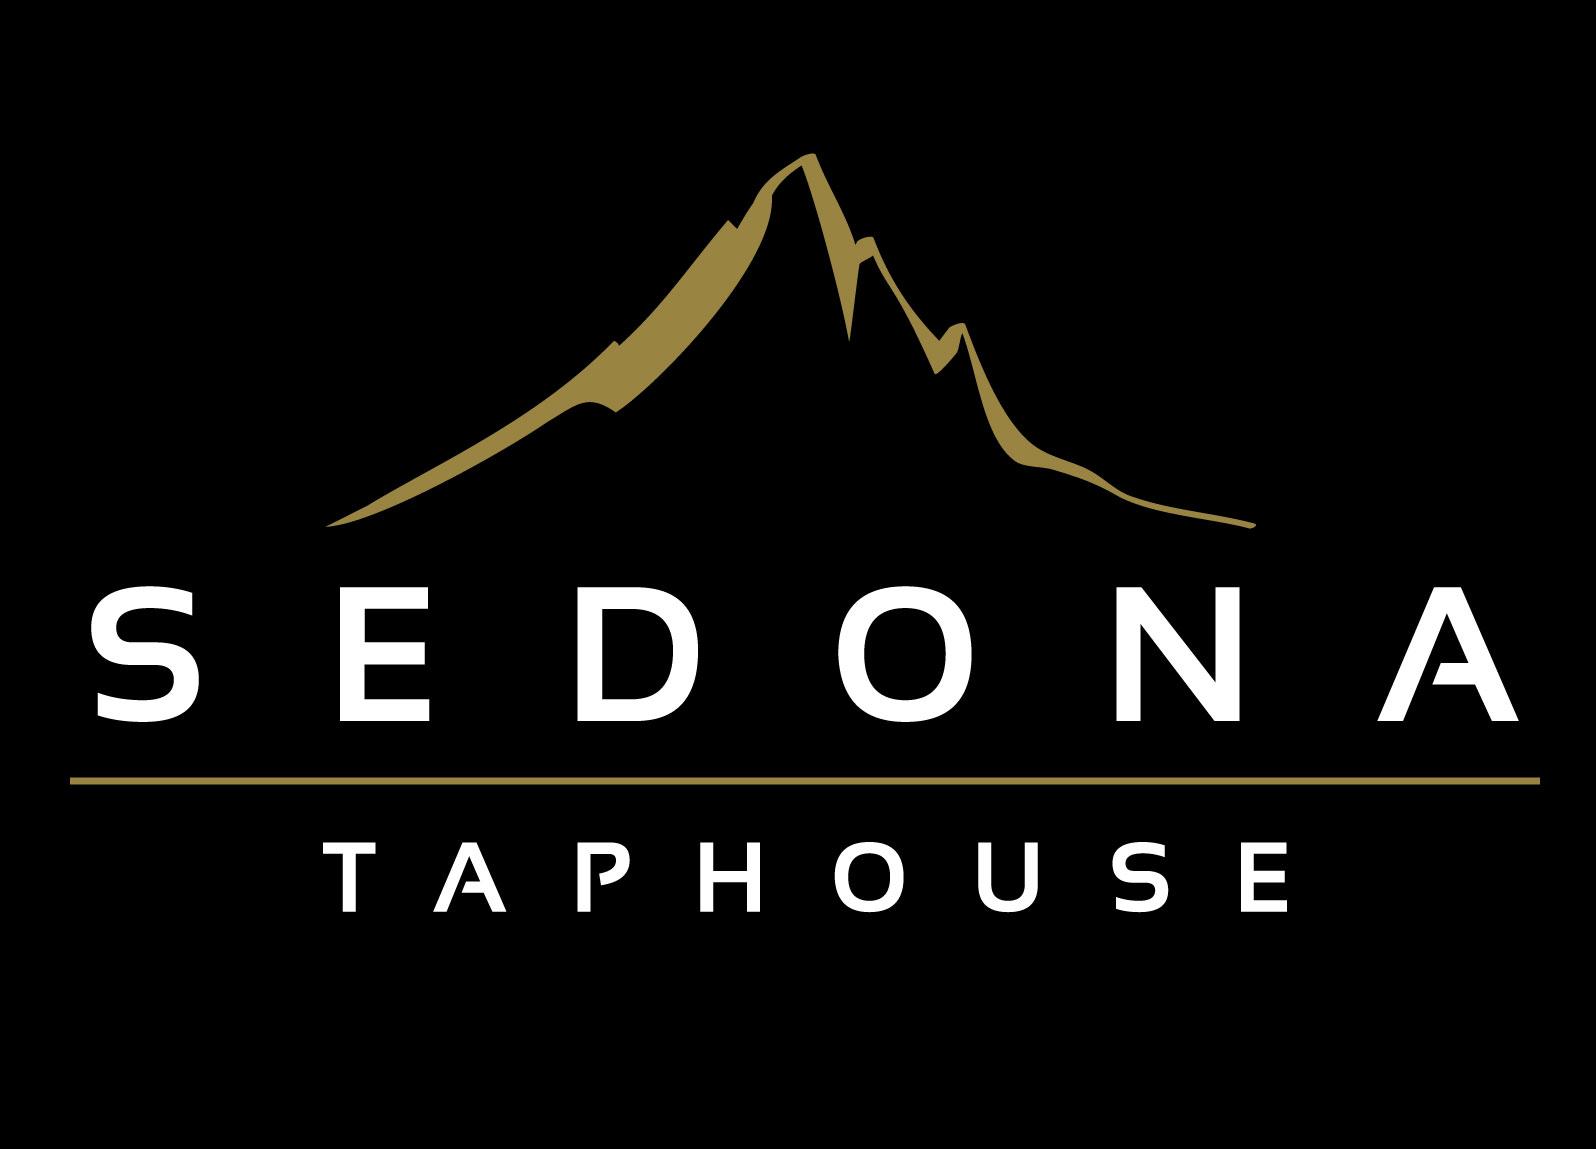 sedona-taphouse